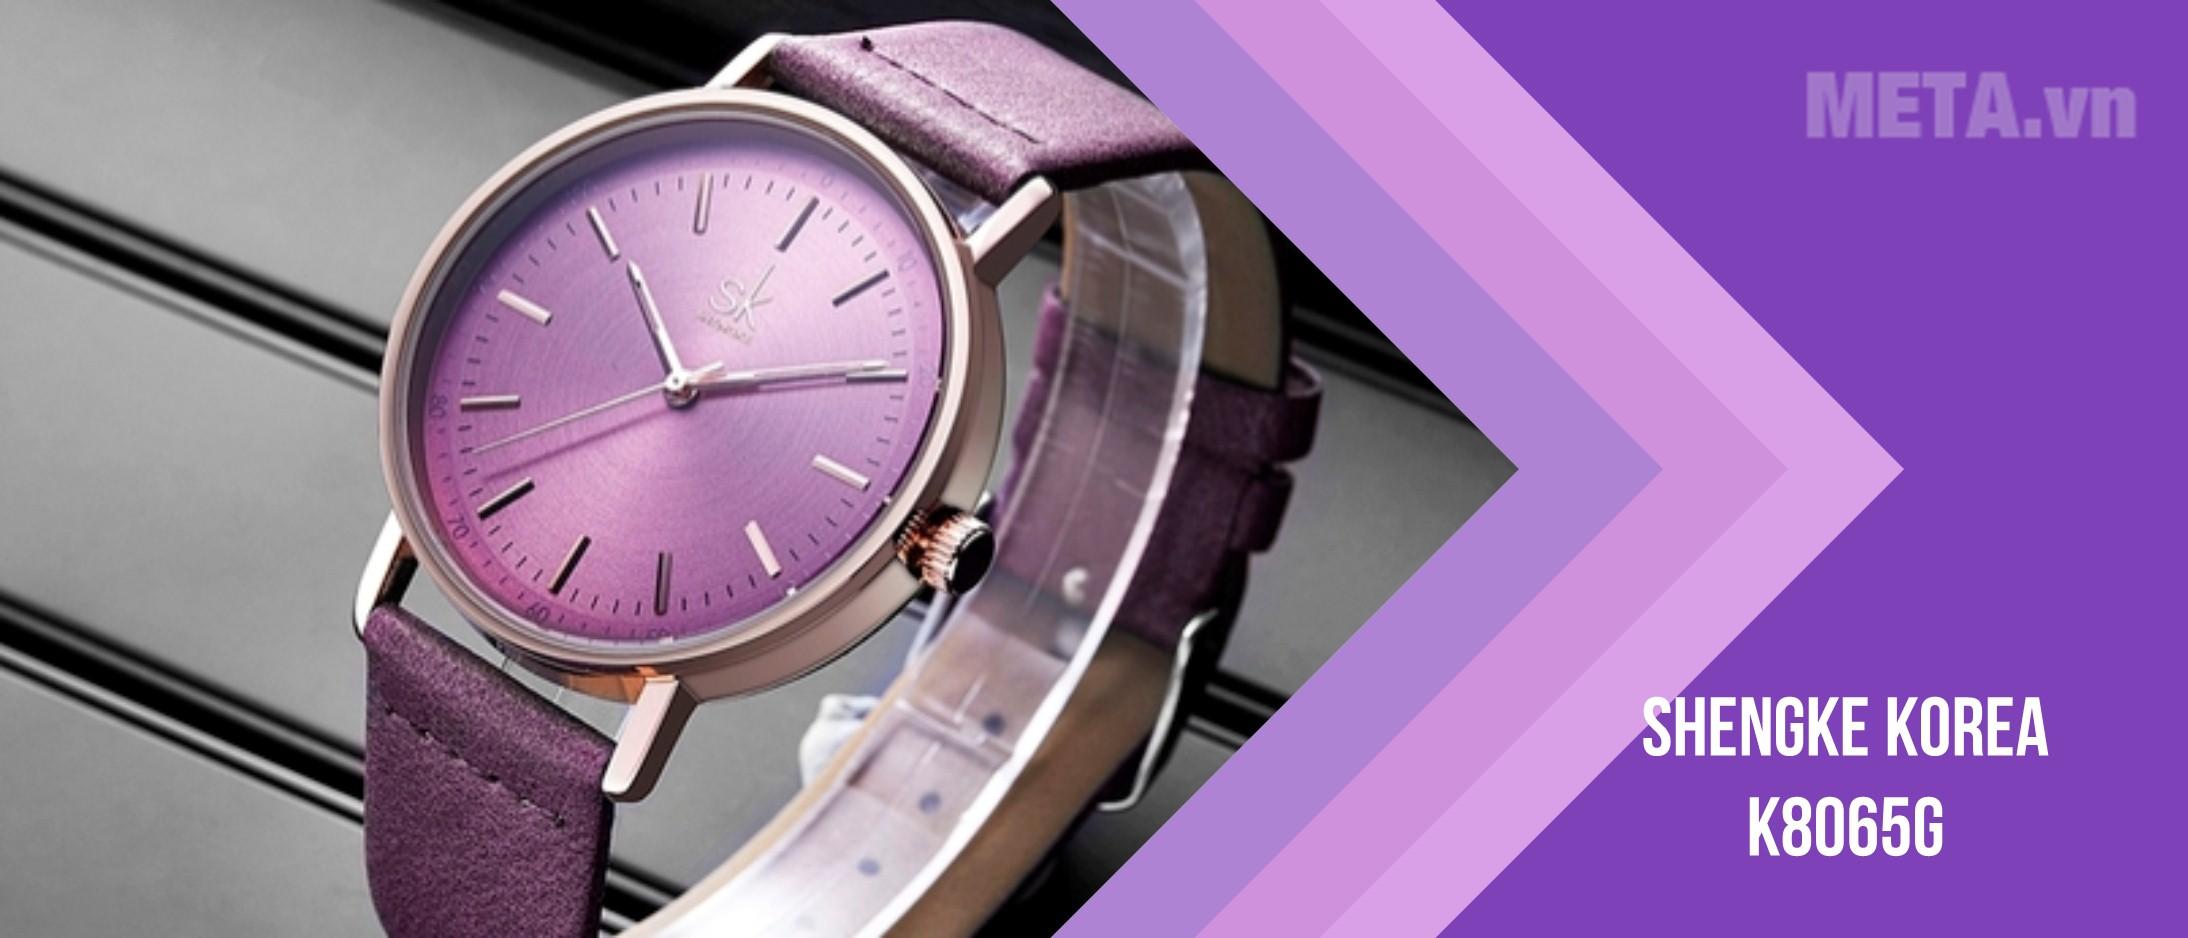 Đồng hồ nam chính hãng Shengke Korea K8065G